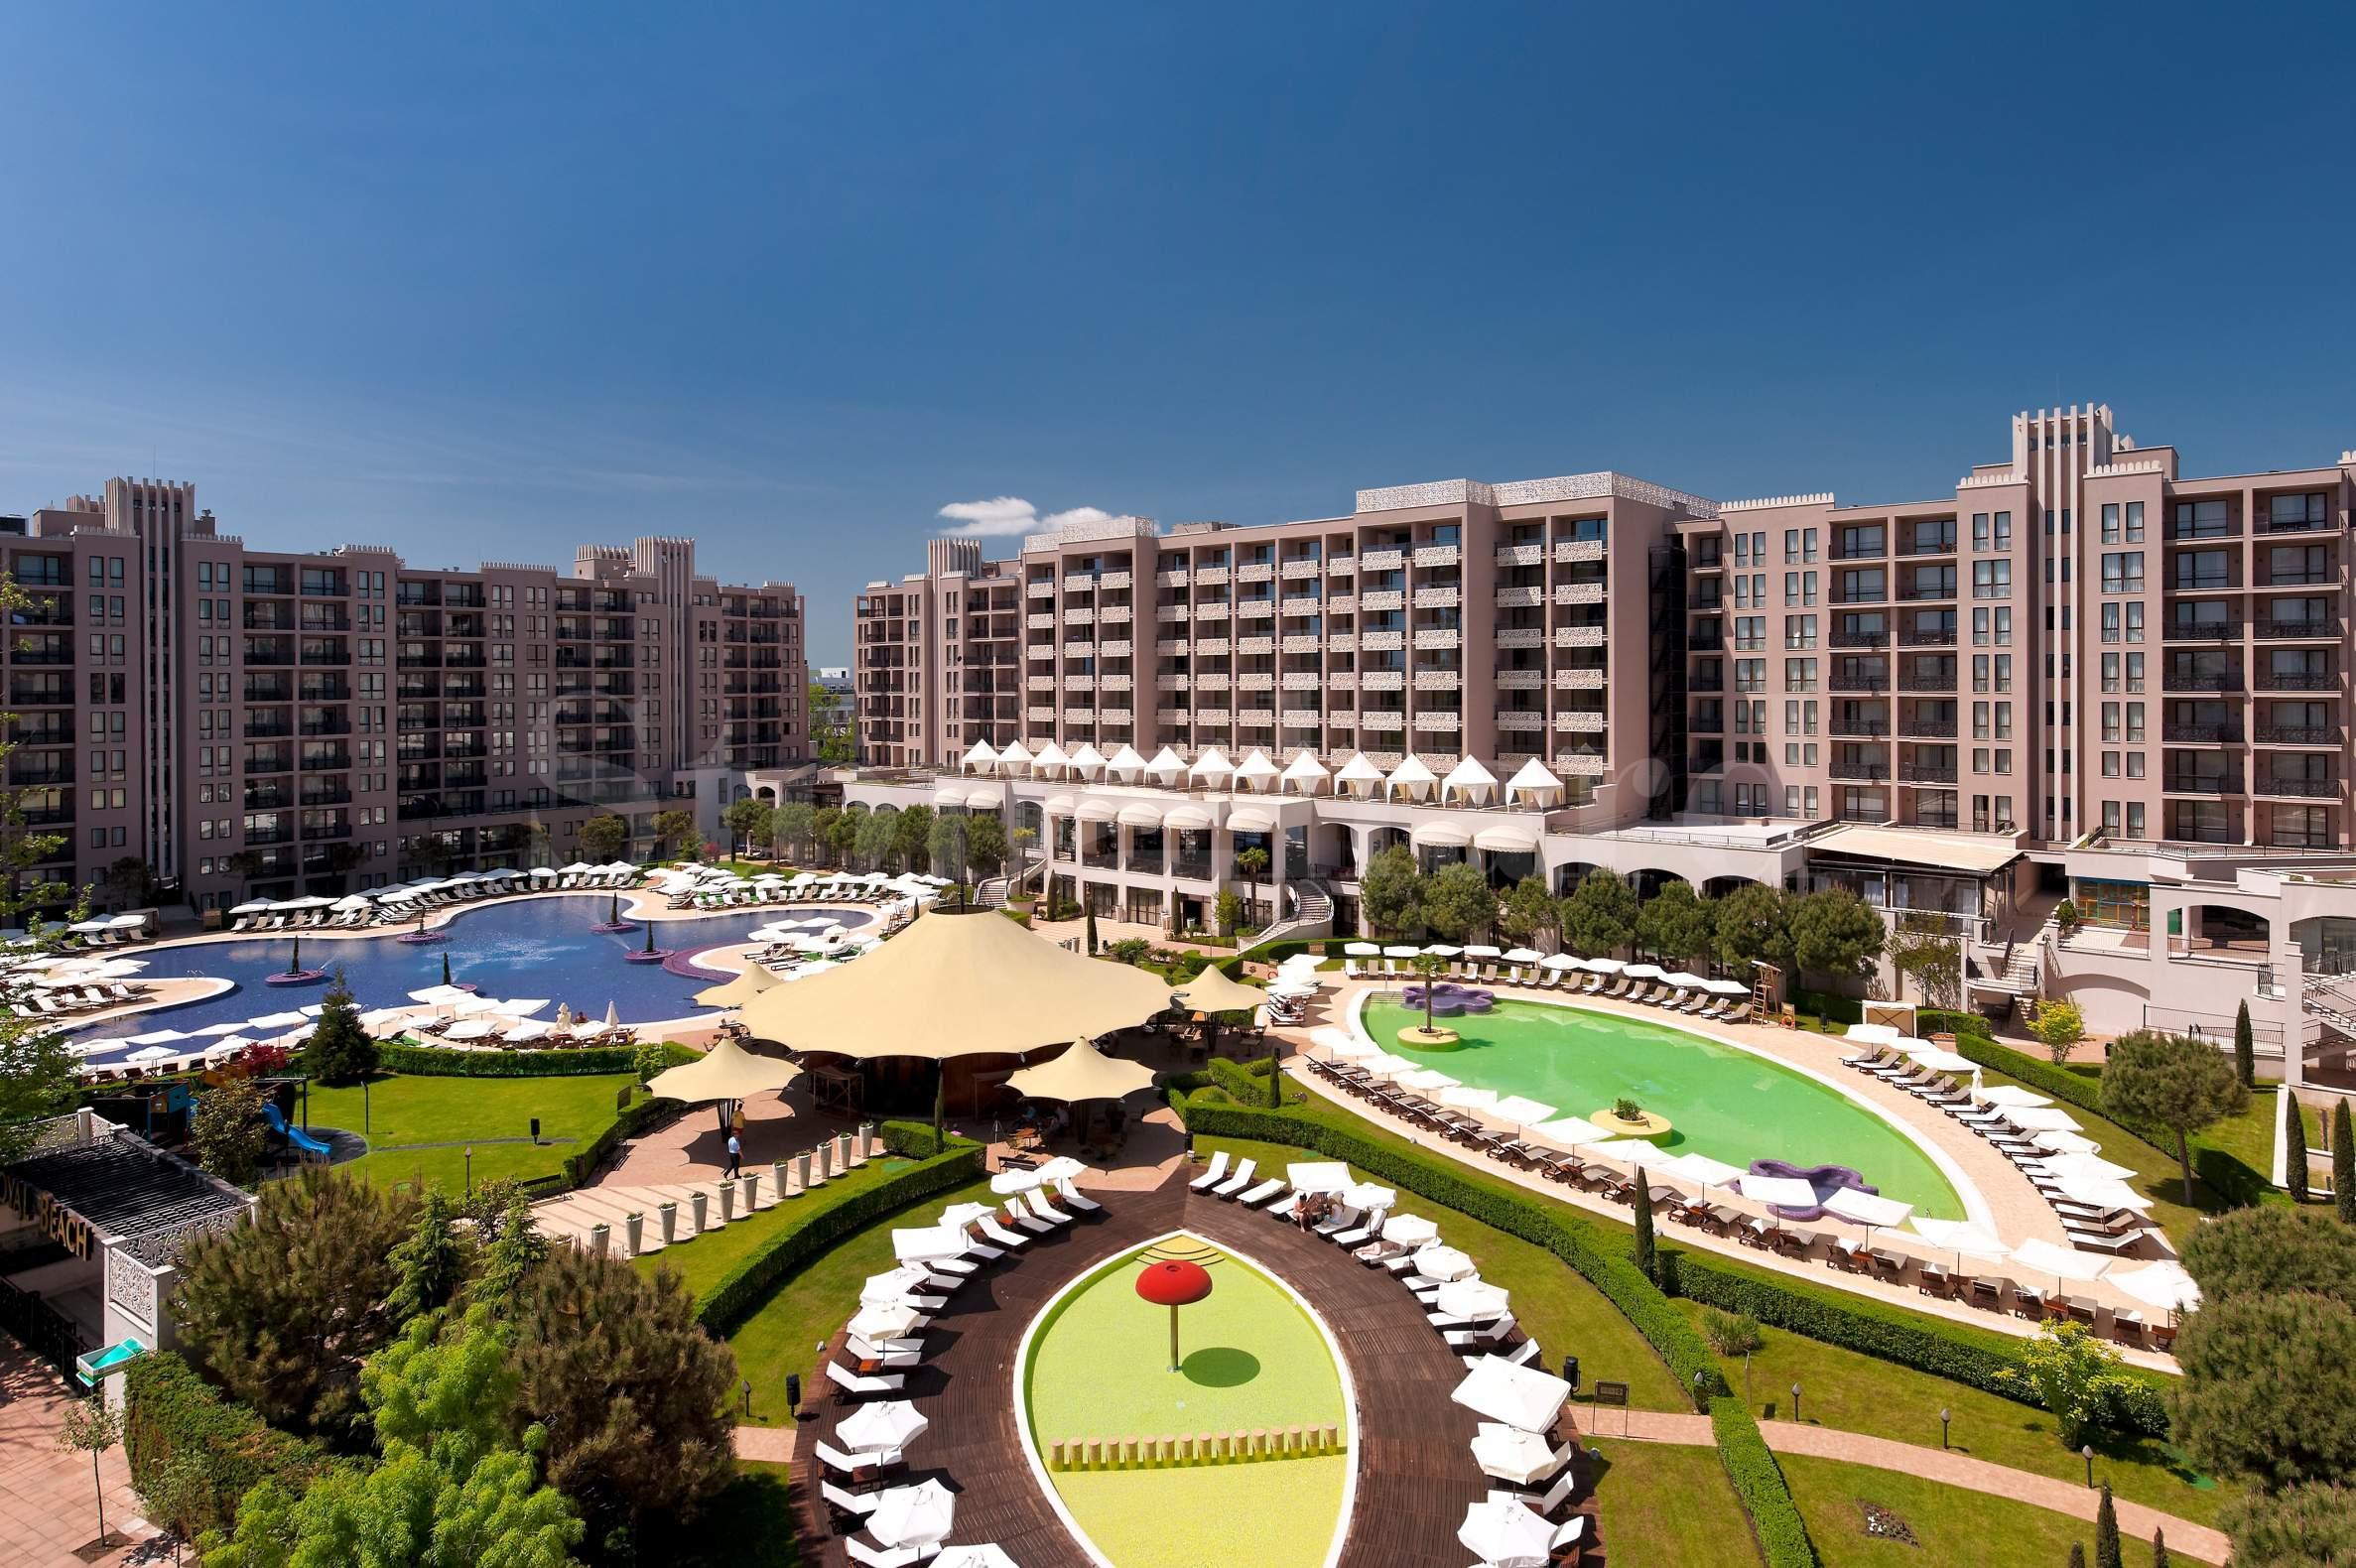 Апартаменти с дизайнерско обзавеждане в комплекс Barceló1 - Stonehard